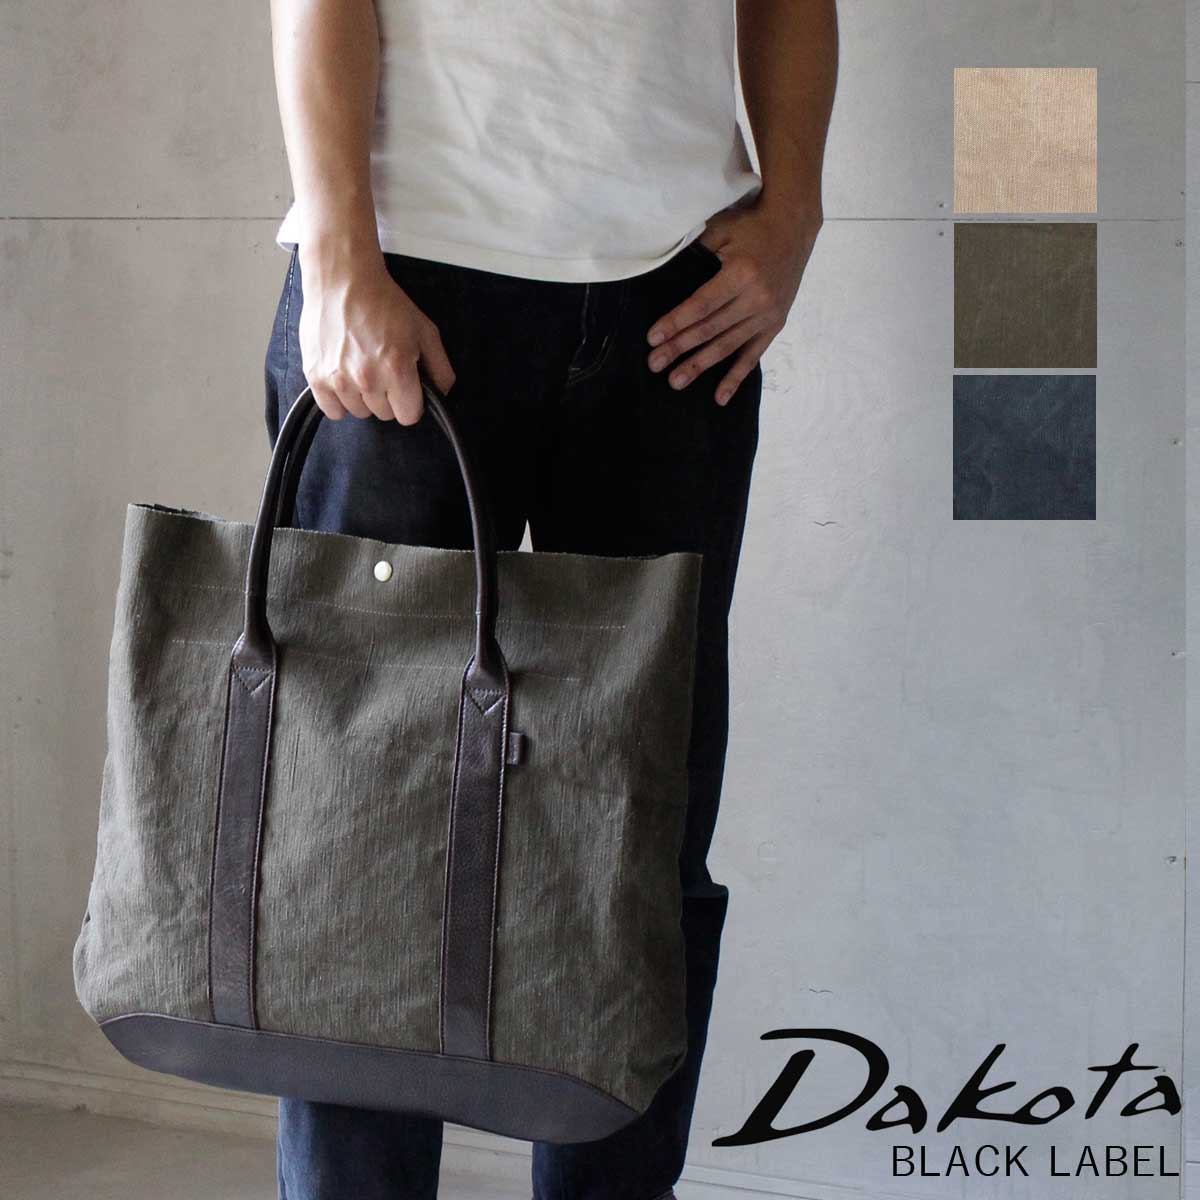 【選べるノベルティ大好評】Dakota BLACK LABEL ダコタブラックレーベル セルビッヂ トートバッグ ジュート×牛革 【マチ無し】 1620292【日本製】【B4】